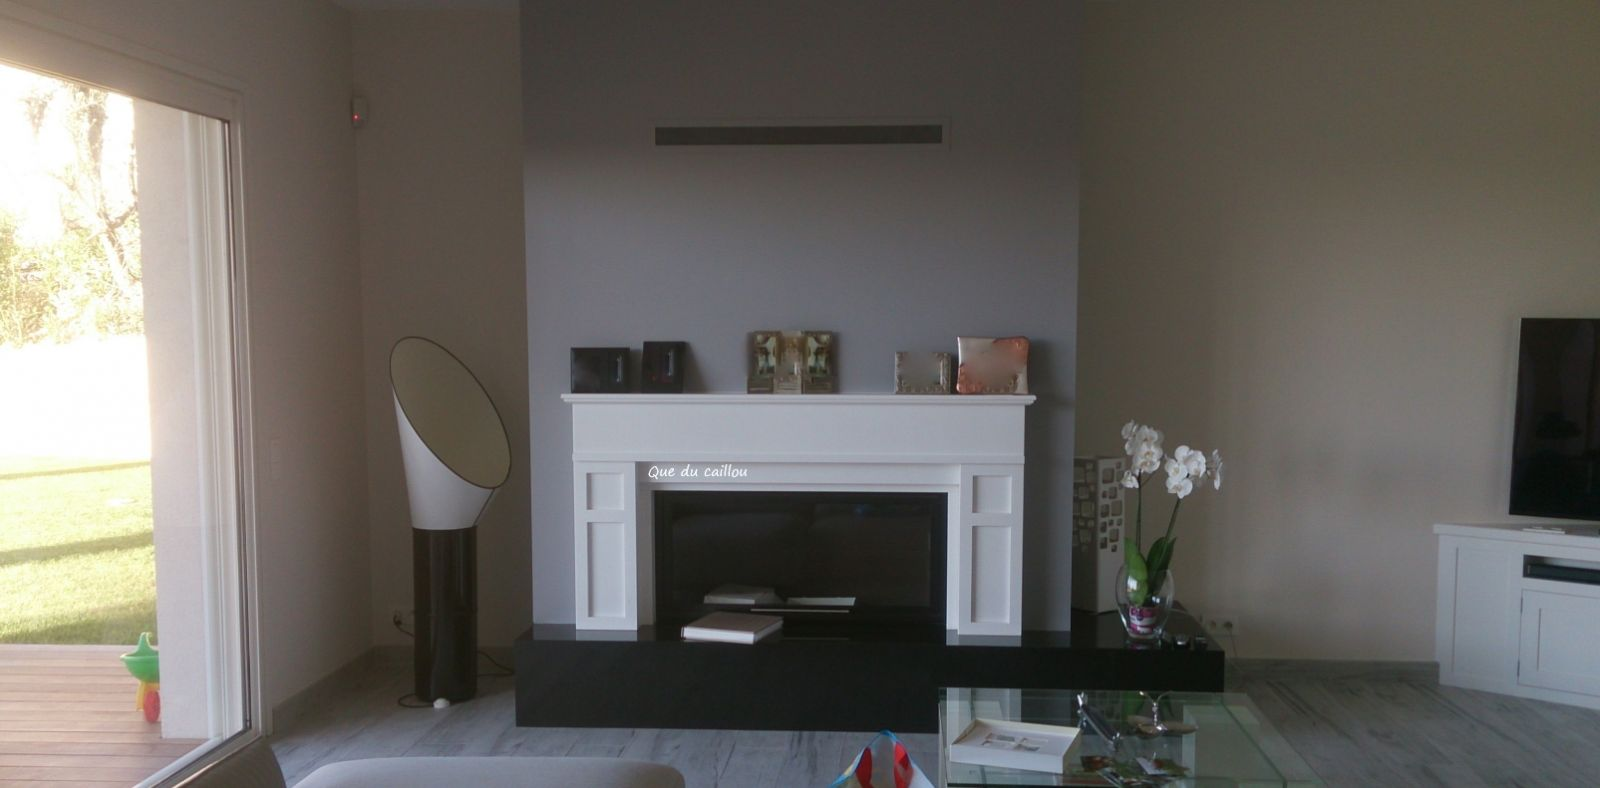 chemin e en granit noir et marbre blanc avec foyer ferm install e nice que du caillou. Black Bedroom Furniture Sets. Home Design Ideas